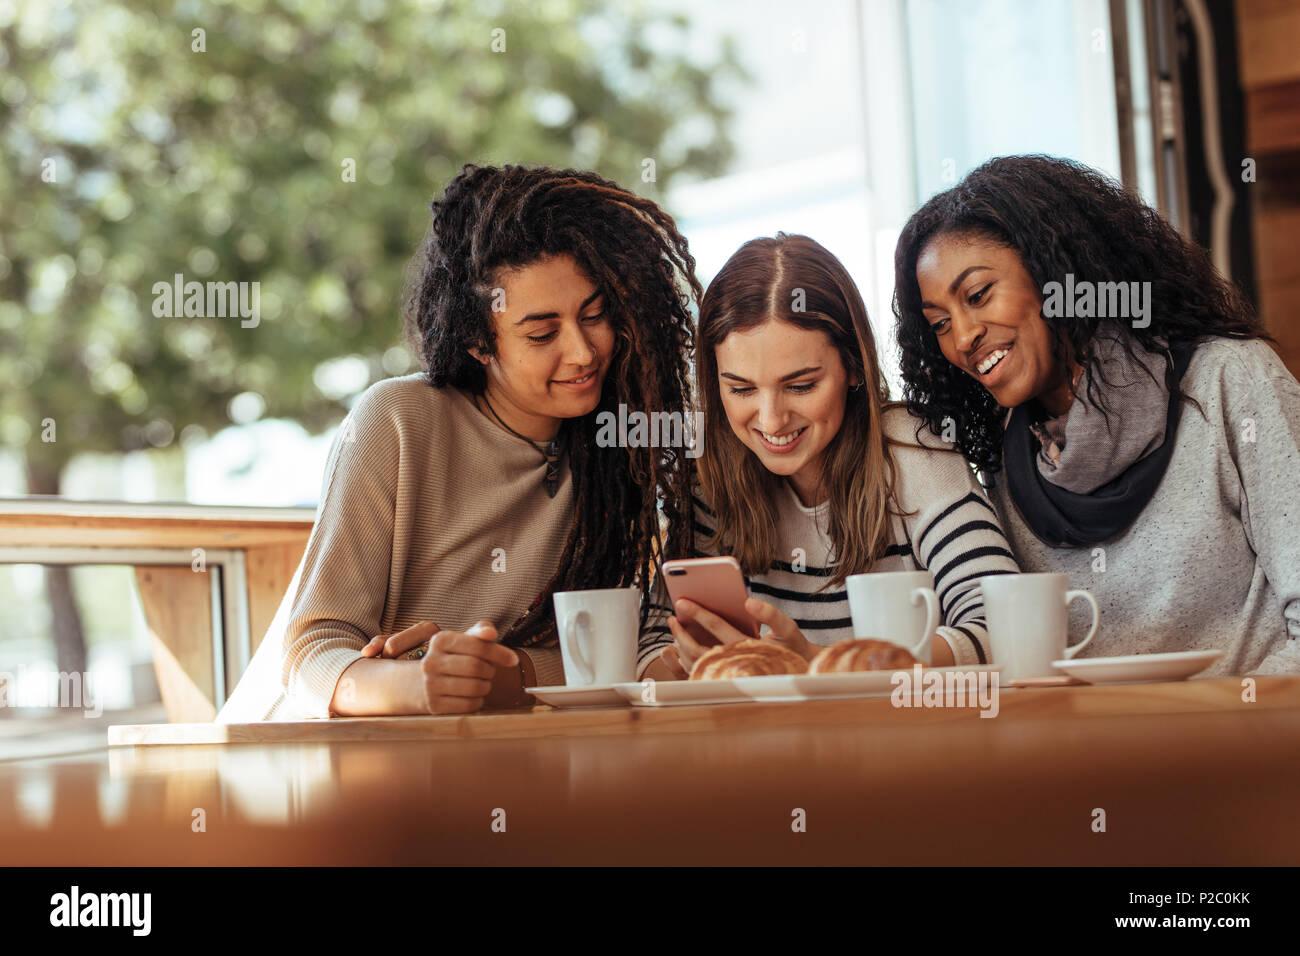 Drei Frauen sitzen in einem Restaurant am Handy suchen und lächelnd. Freunde in einem Café mit Kaffee und Snacks auf den Tisch in einem mo Suchen sitzen Stockbild